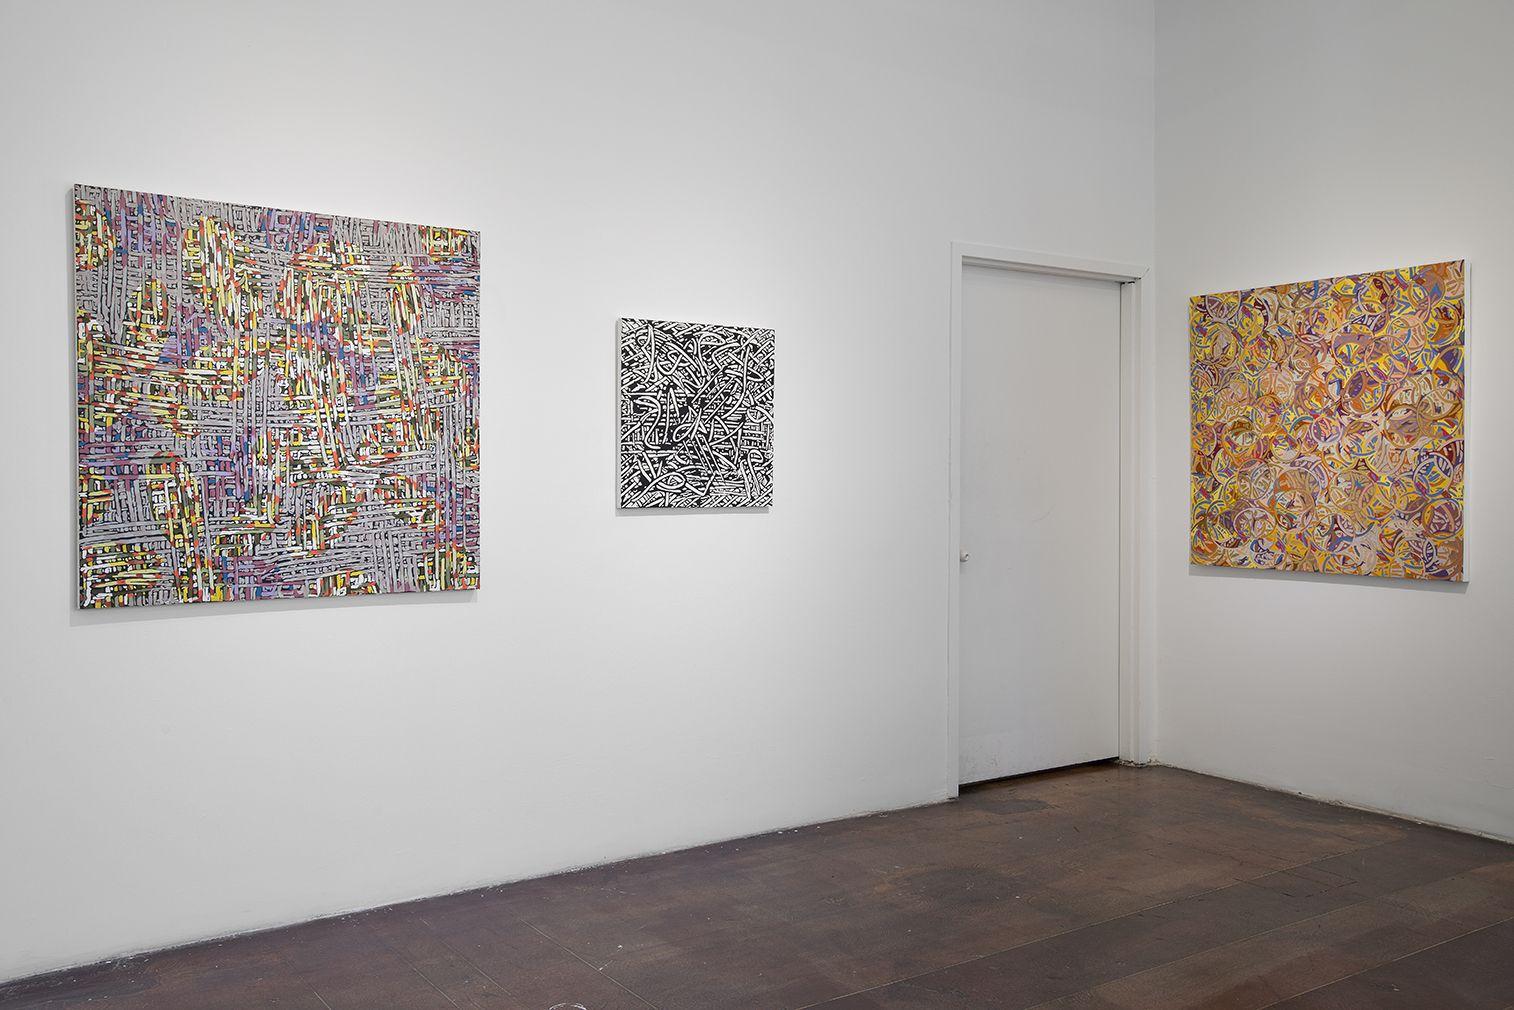 Installation View, Alexander Herzog, Listening Behind the Vocals, Geary Contemporary, 2016